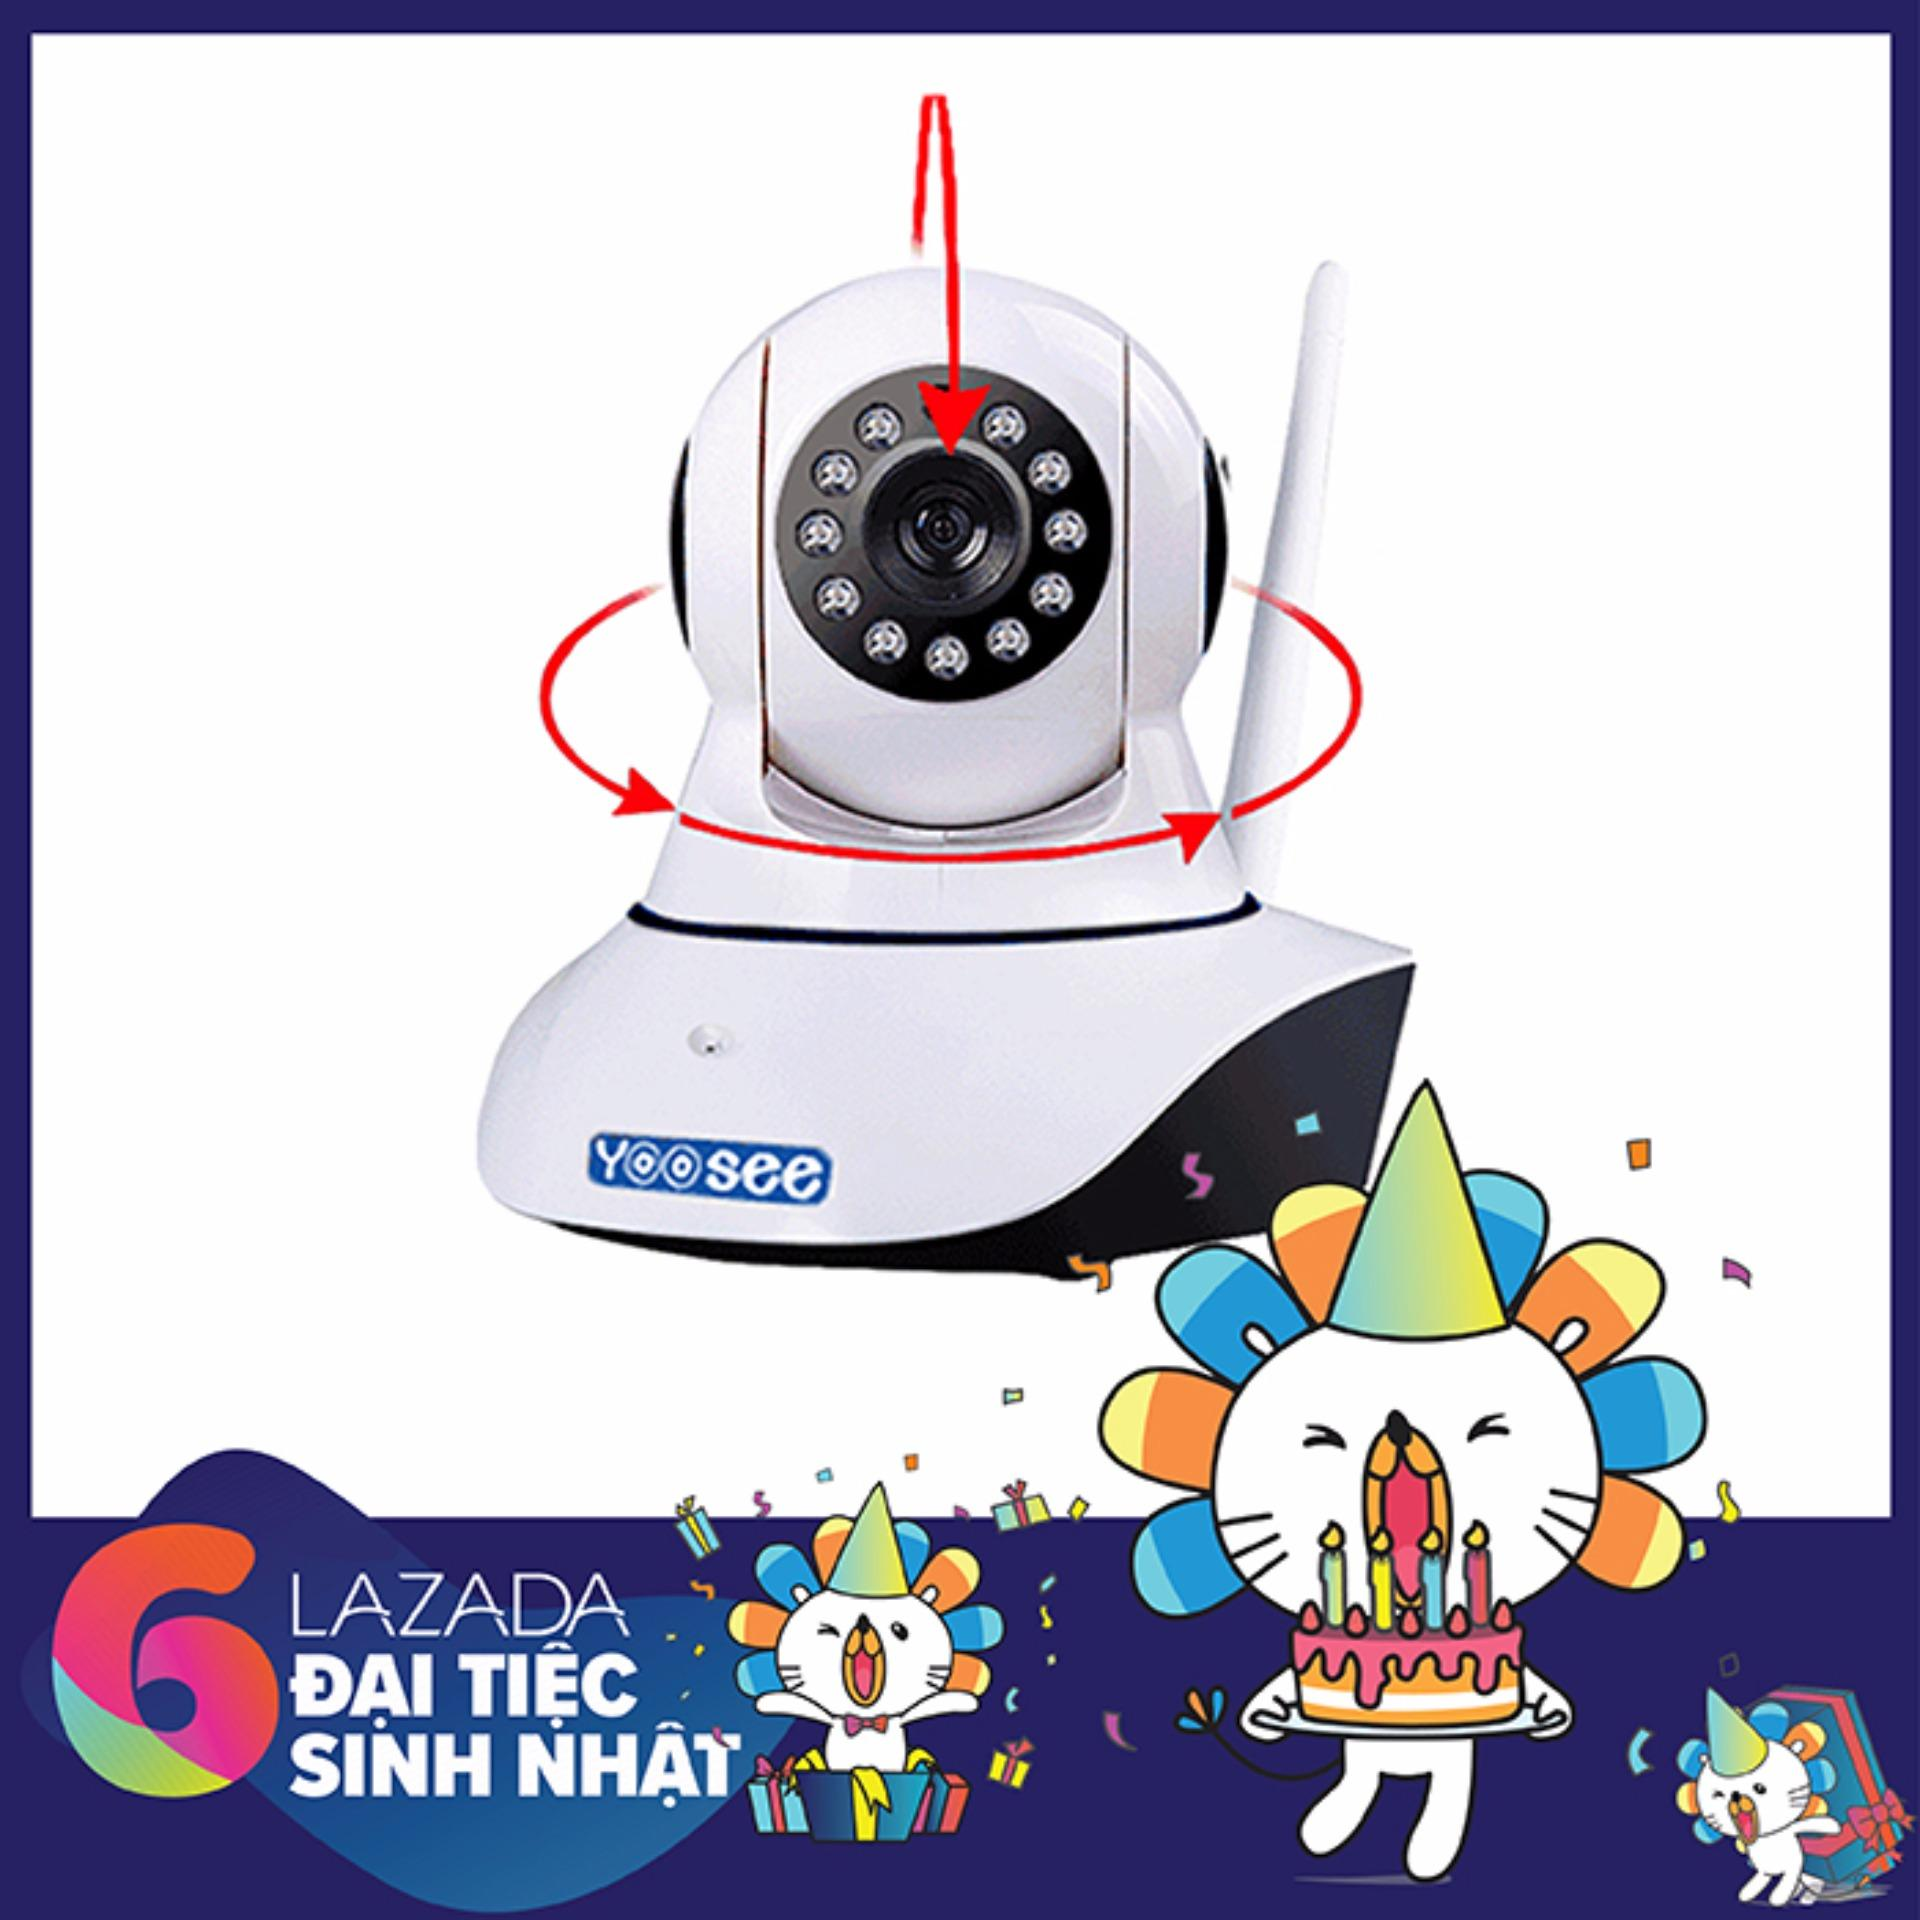 Chiết Khấu Bộ Camera An Ninh Ip Yoosee Ipc Z06H 2 Anten 960P Hd Wifi Bao Động Bảo Hanh 12 Thang Yoosee Hà Nội